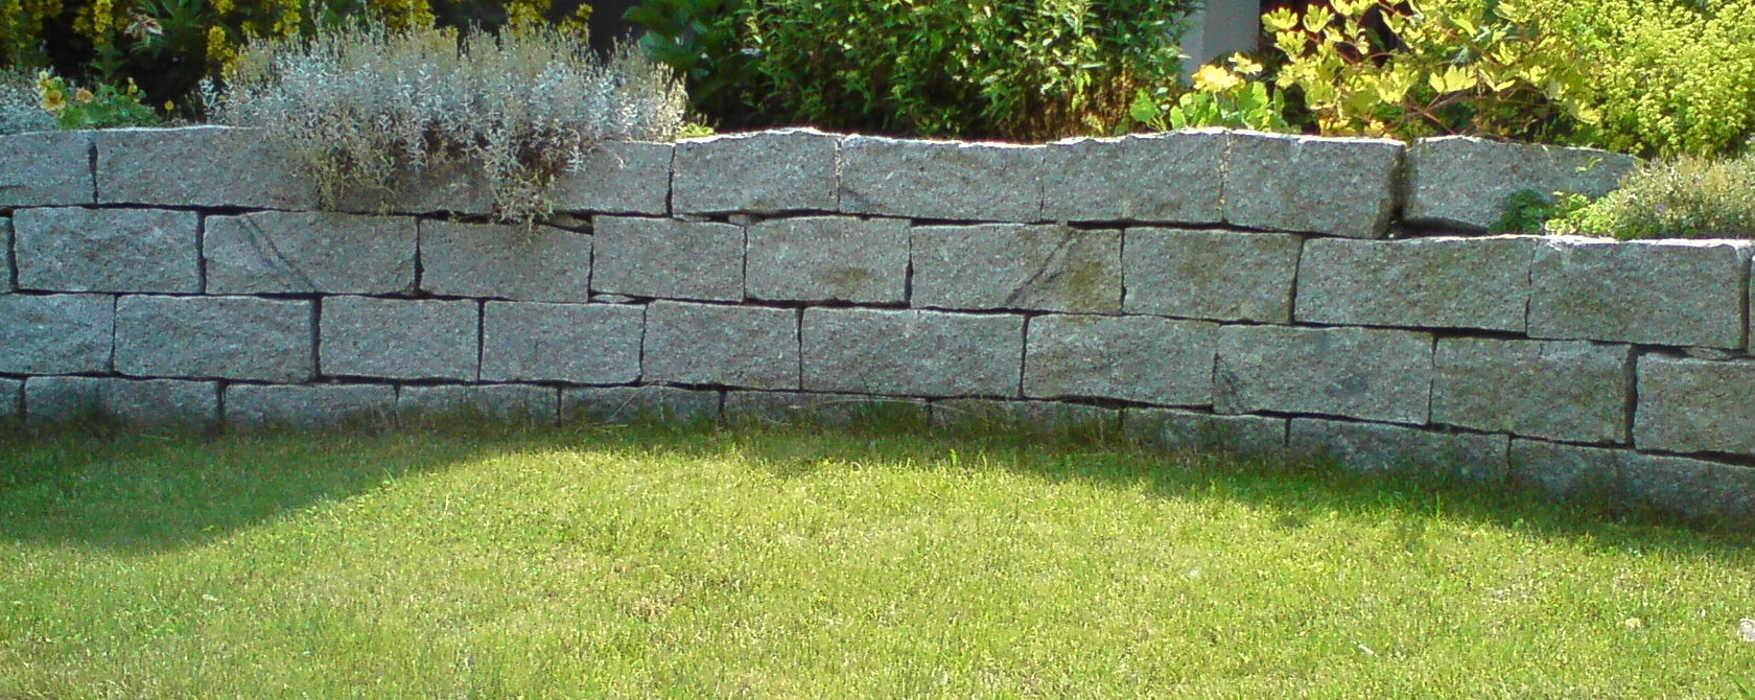 Trockenmauern aus Granit